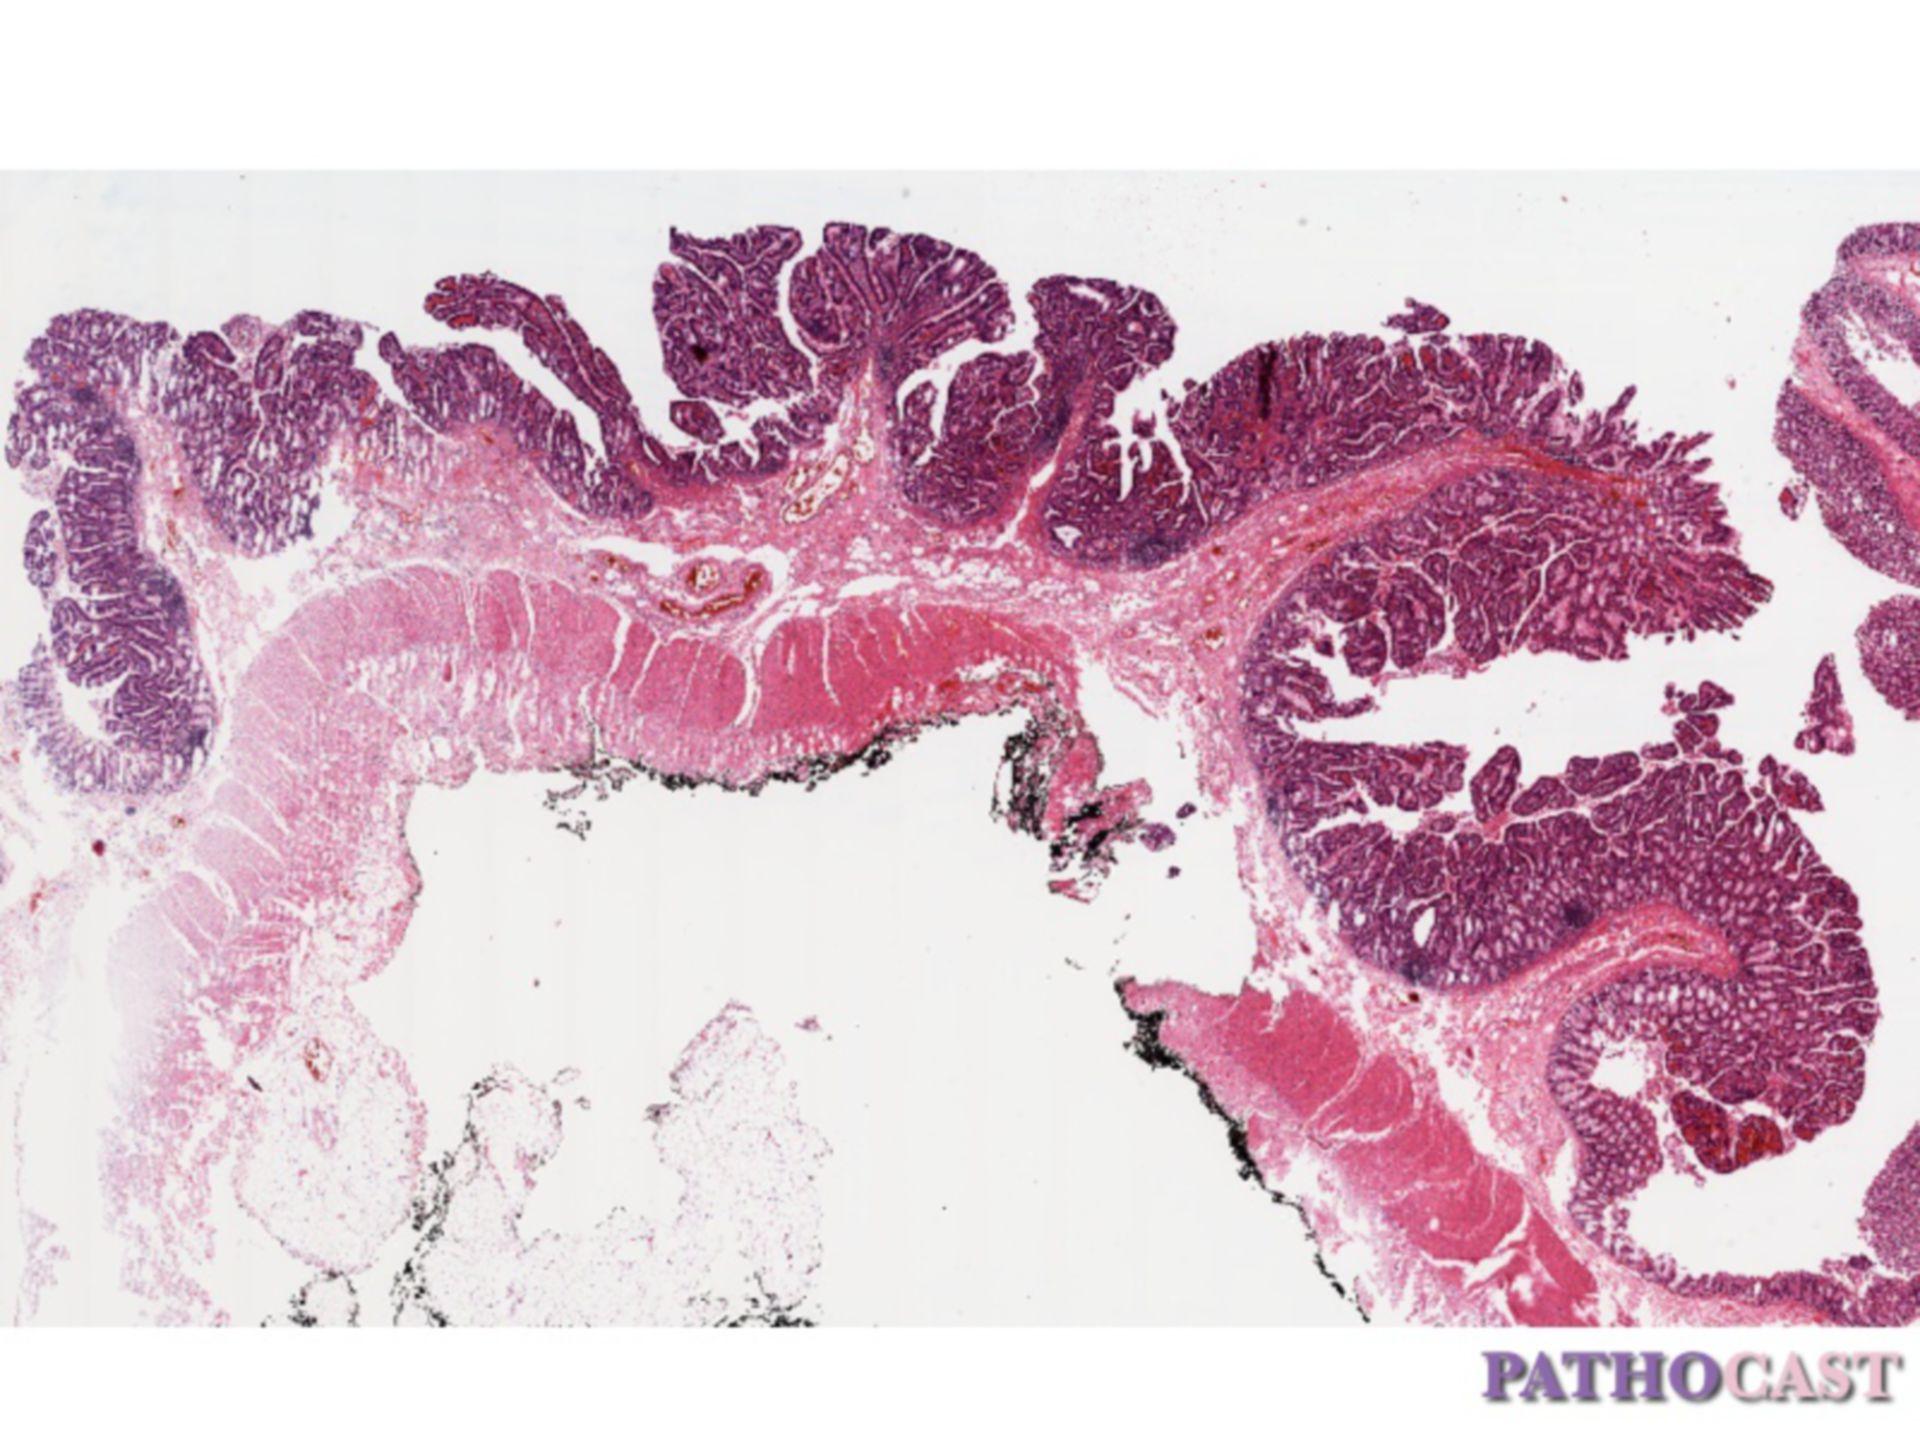 Villous adenoma of the colon